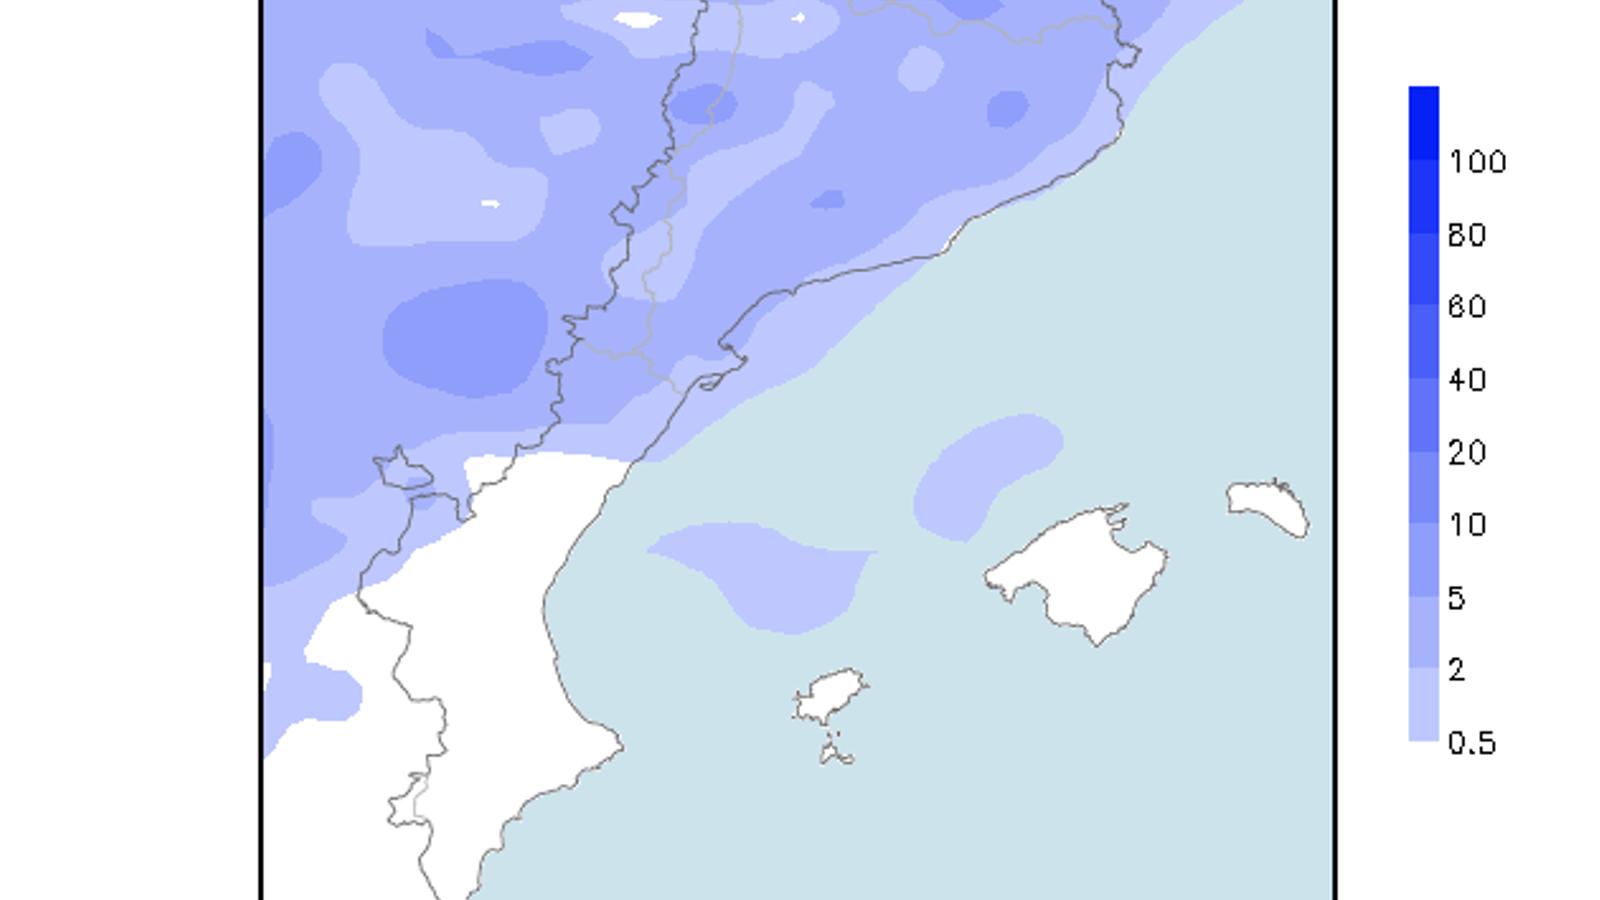 Acumulacions de precipitació previstes per a dijous a última hora